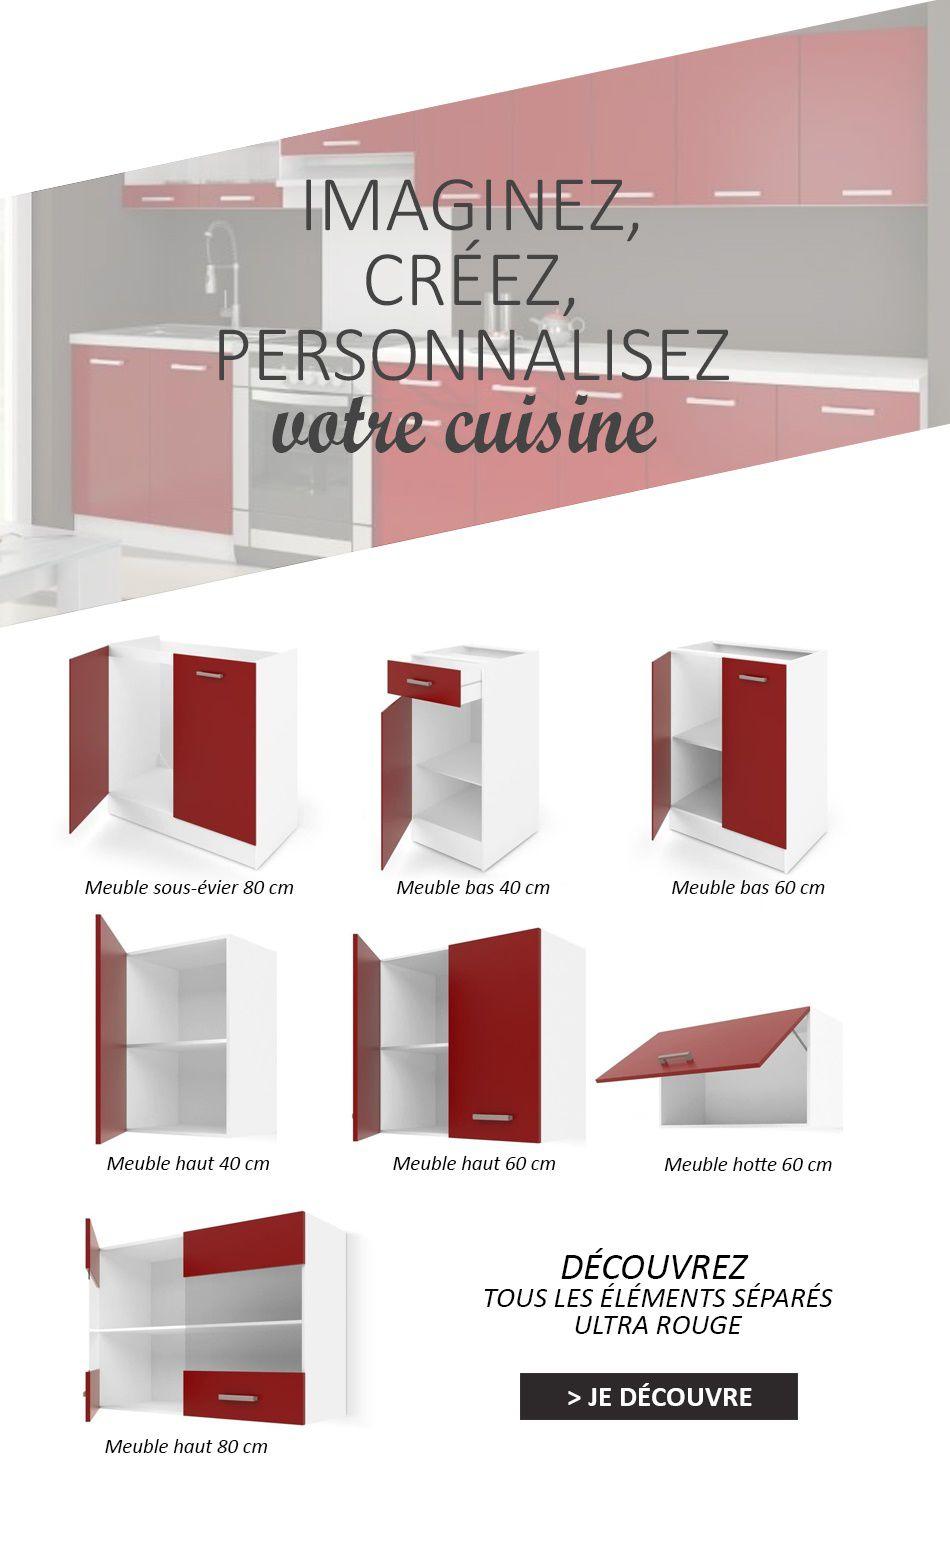 Meuble bas profondeur 40 cm perfect comforium meuble bas for Meuble cuisine 40 cm largeur